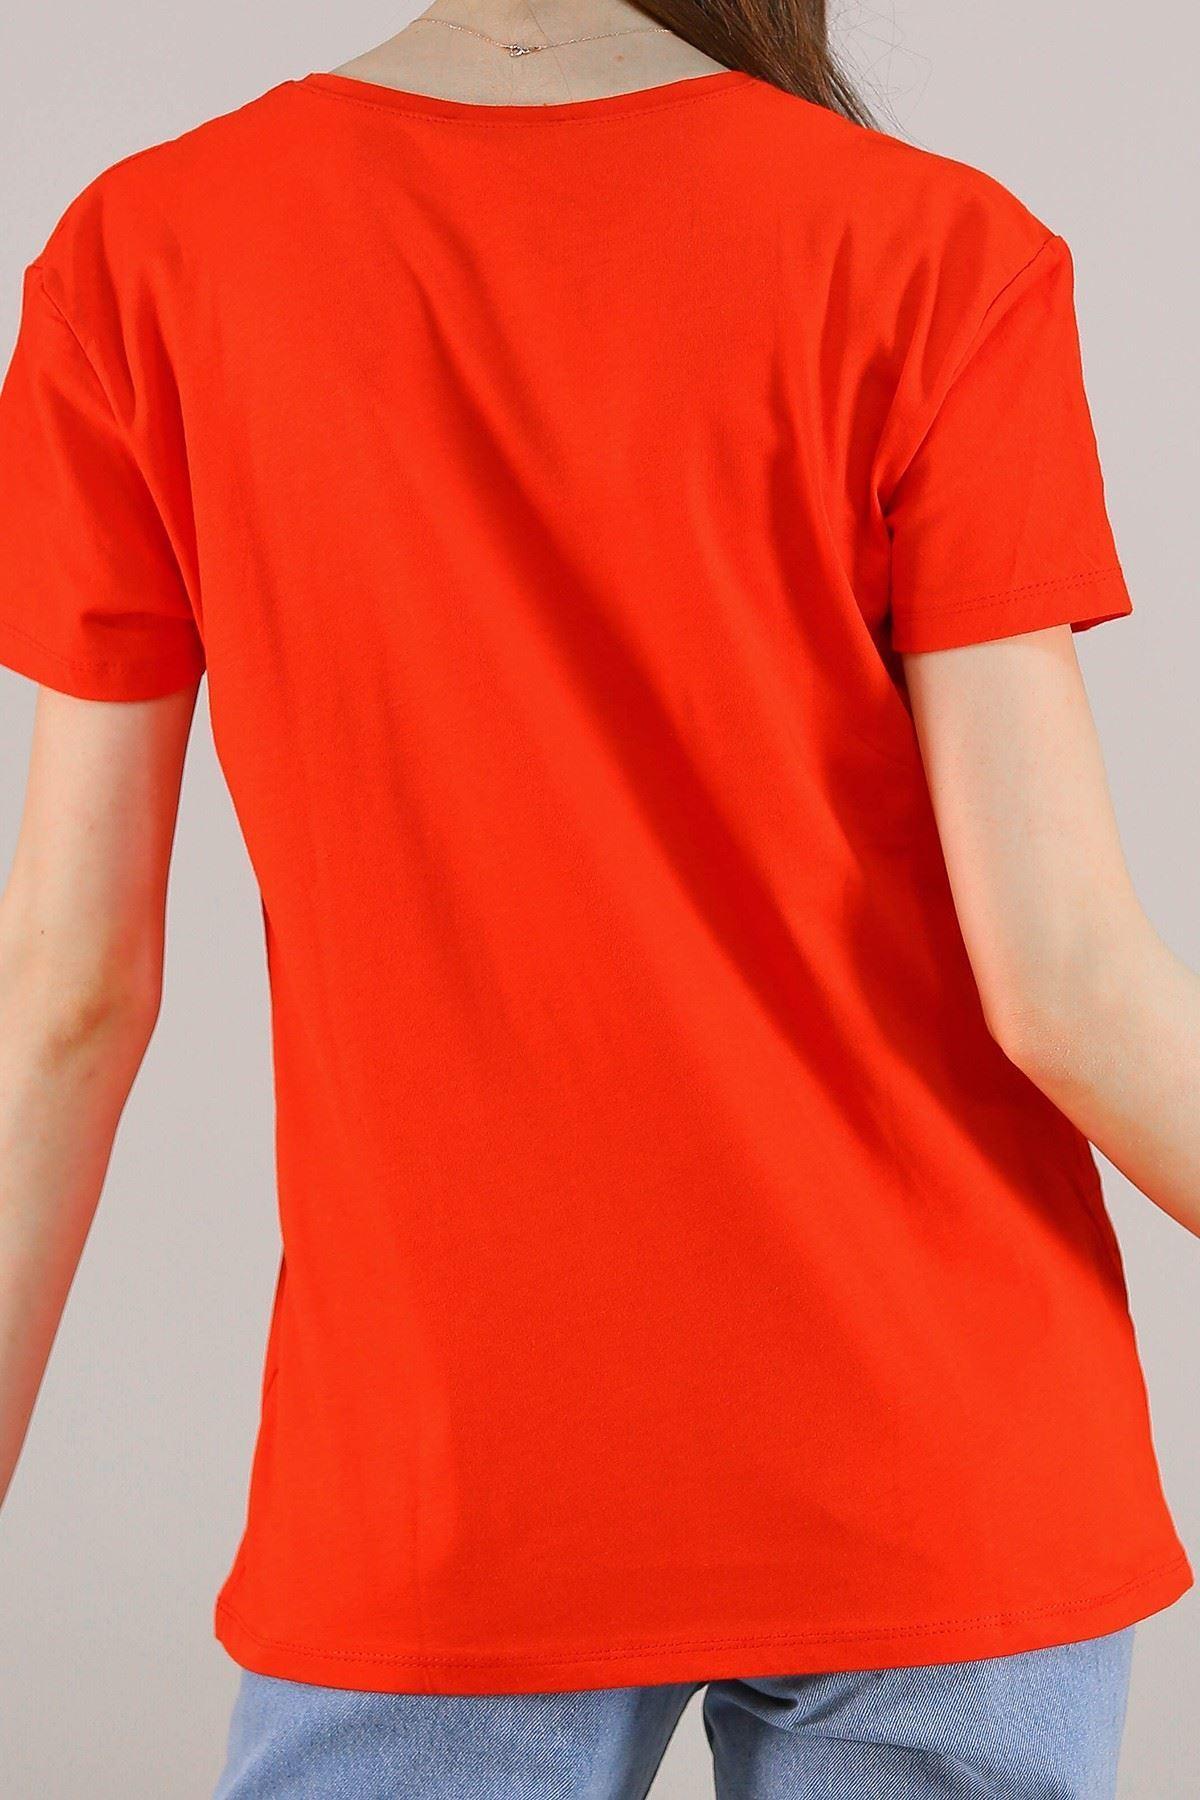 Baskılı Pullu Tişört Kırmızı - 5012.336.